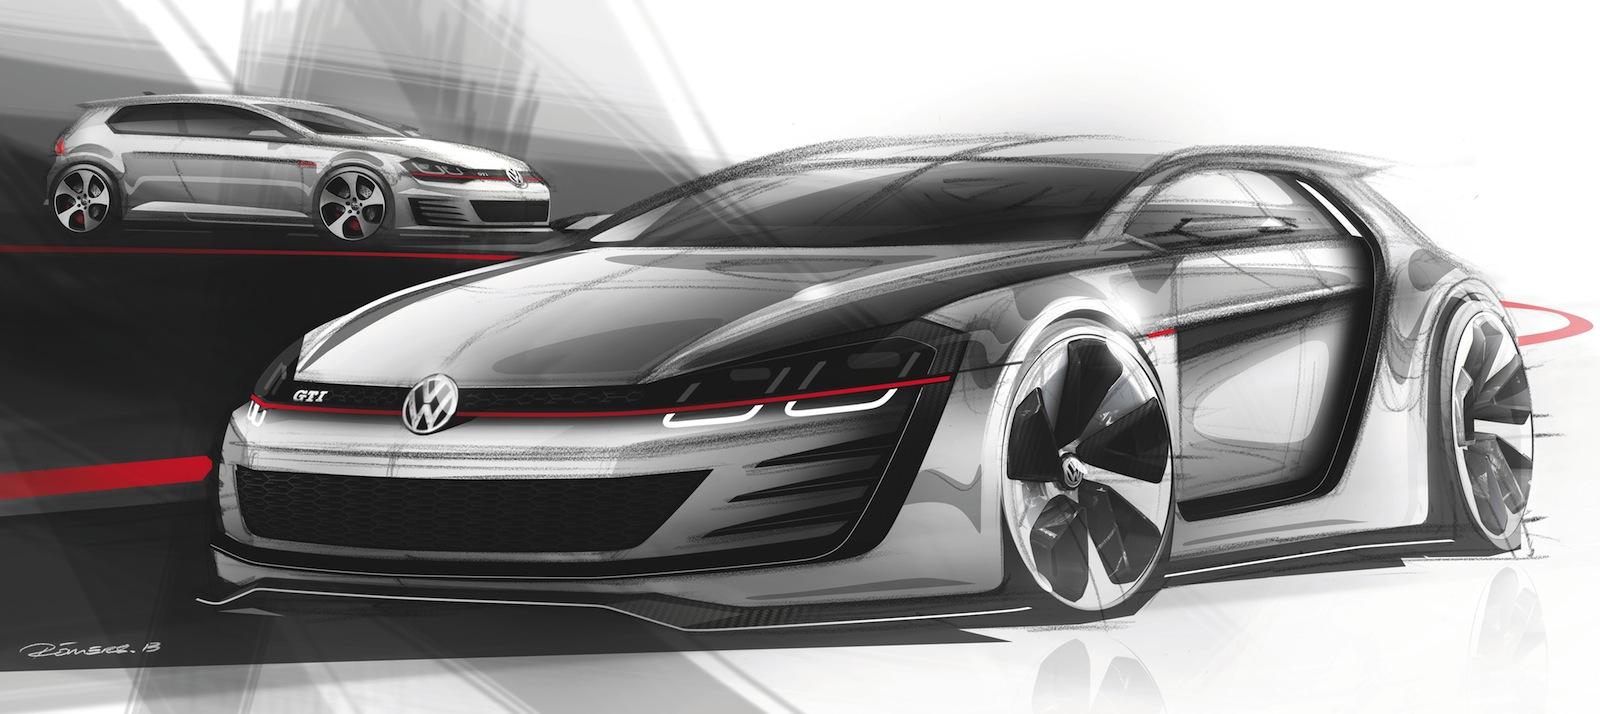 News - 370kW Volkswagen Golf GTI Concept Breaks Cover